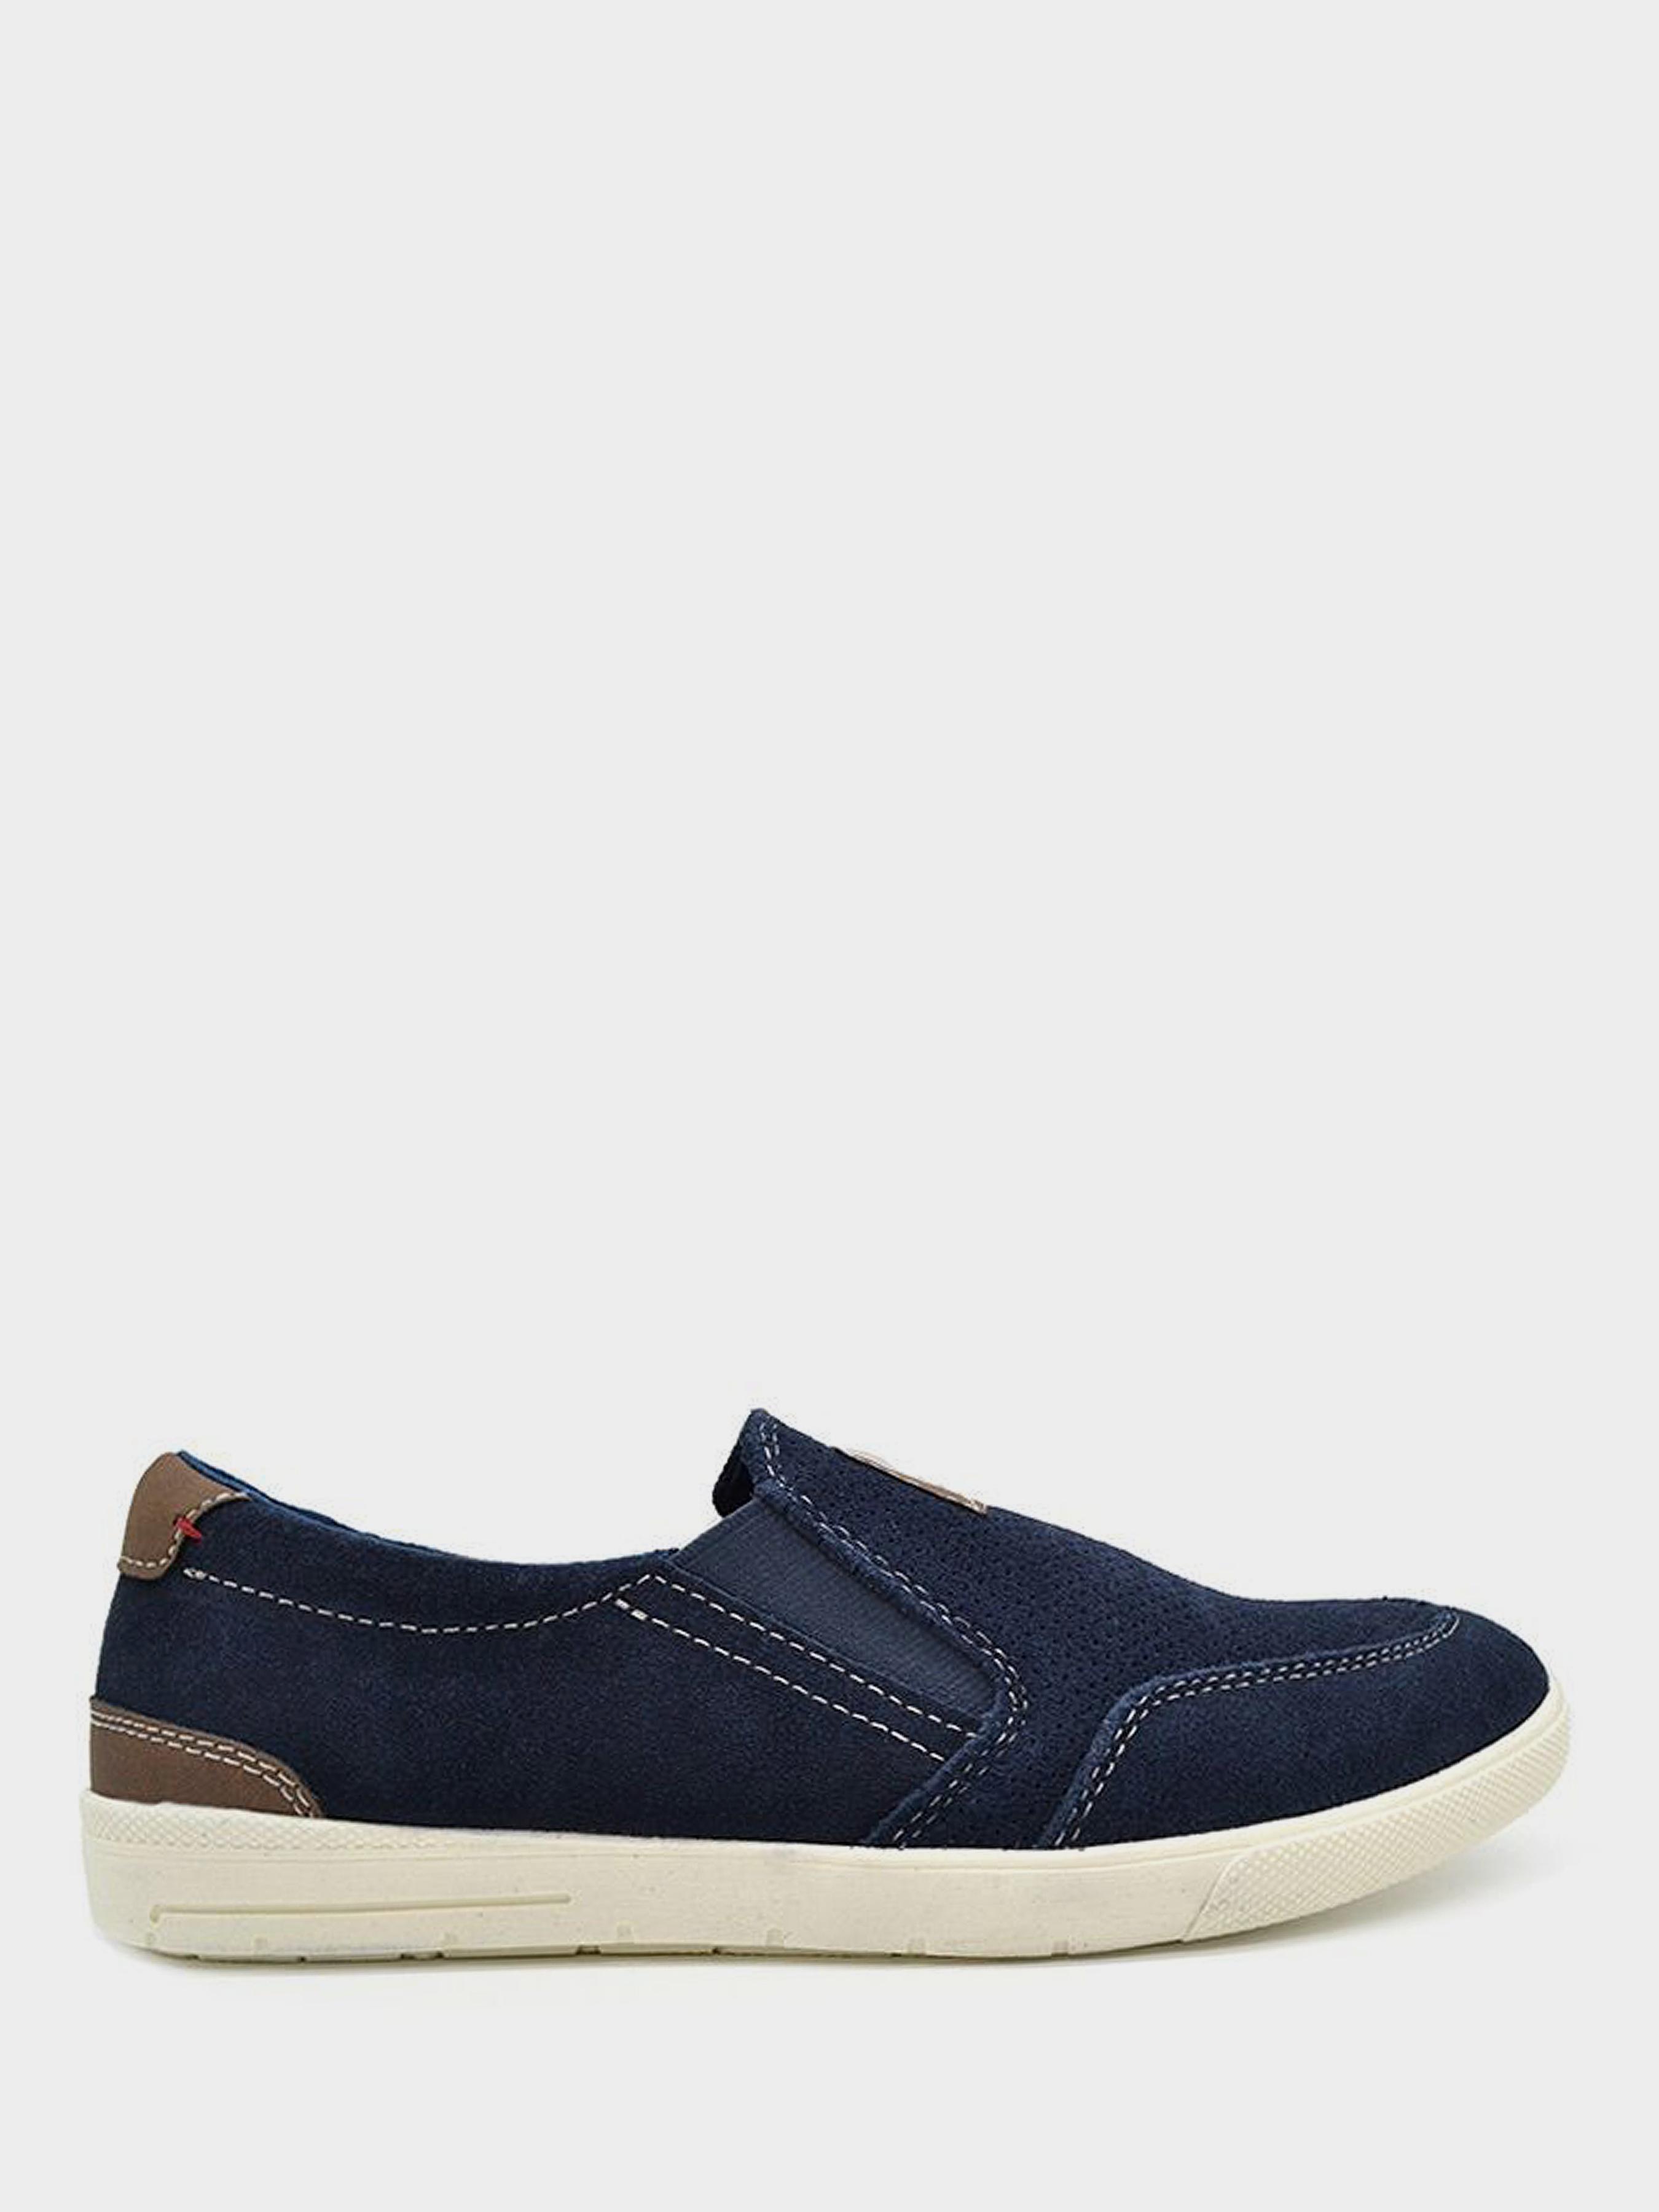 Cлипоны для мужчин S.Oliver 5M141 размерная сетка обуви, 2017